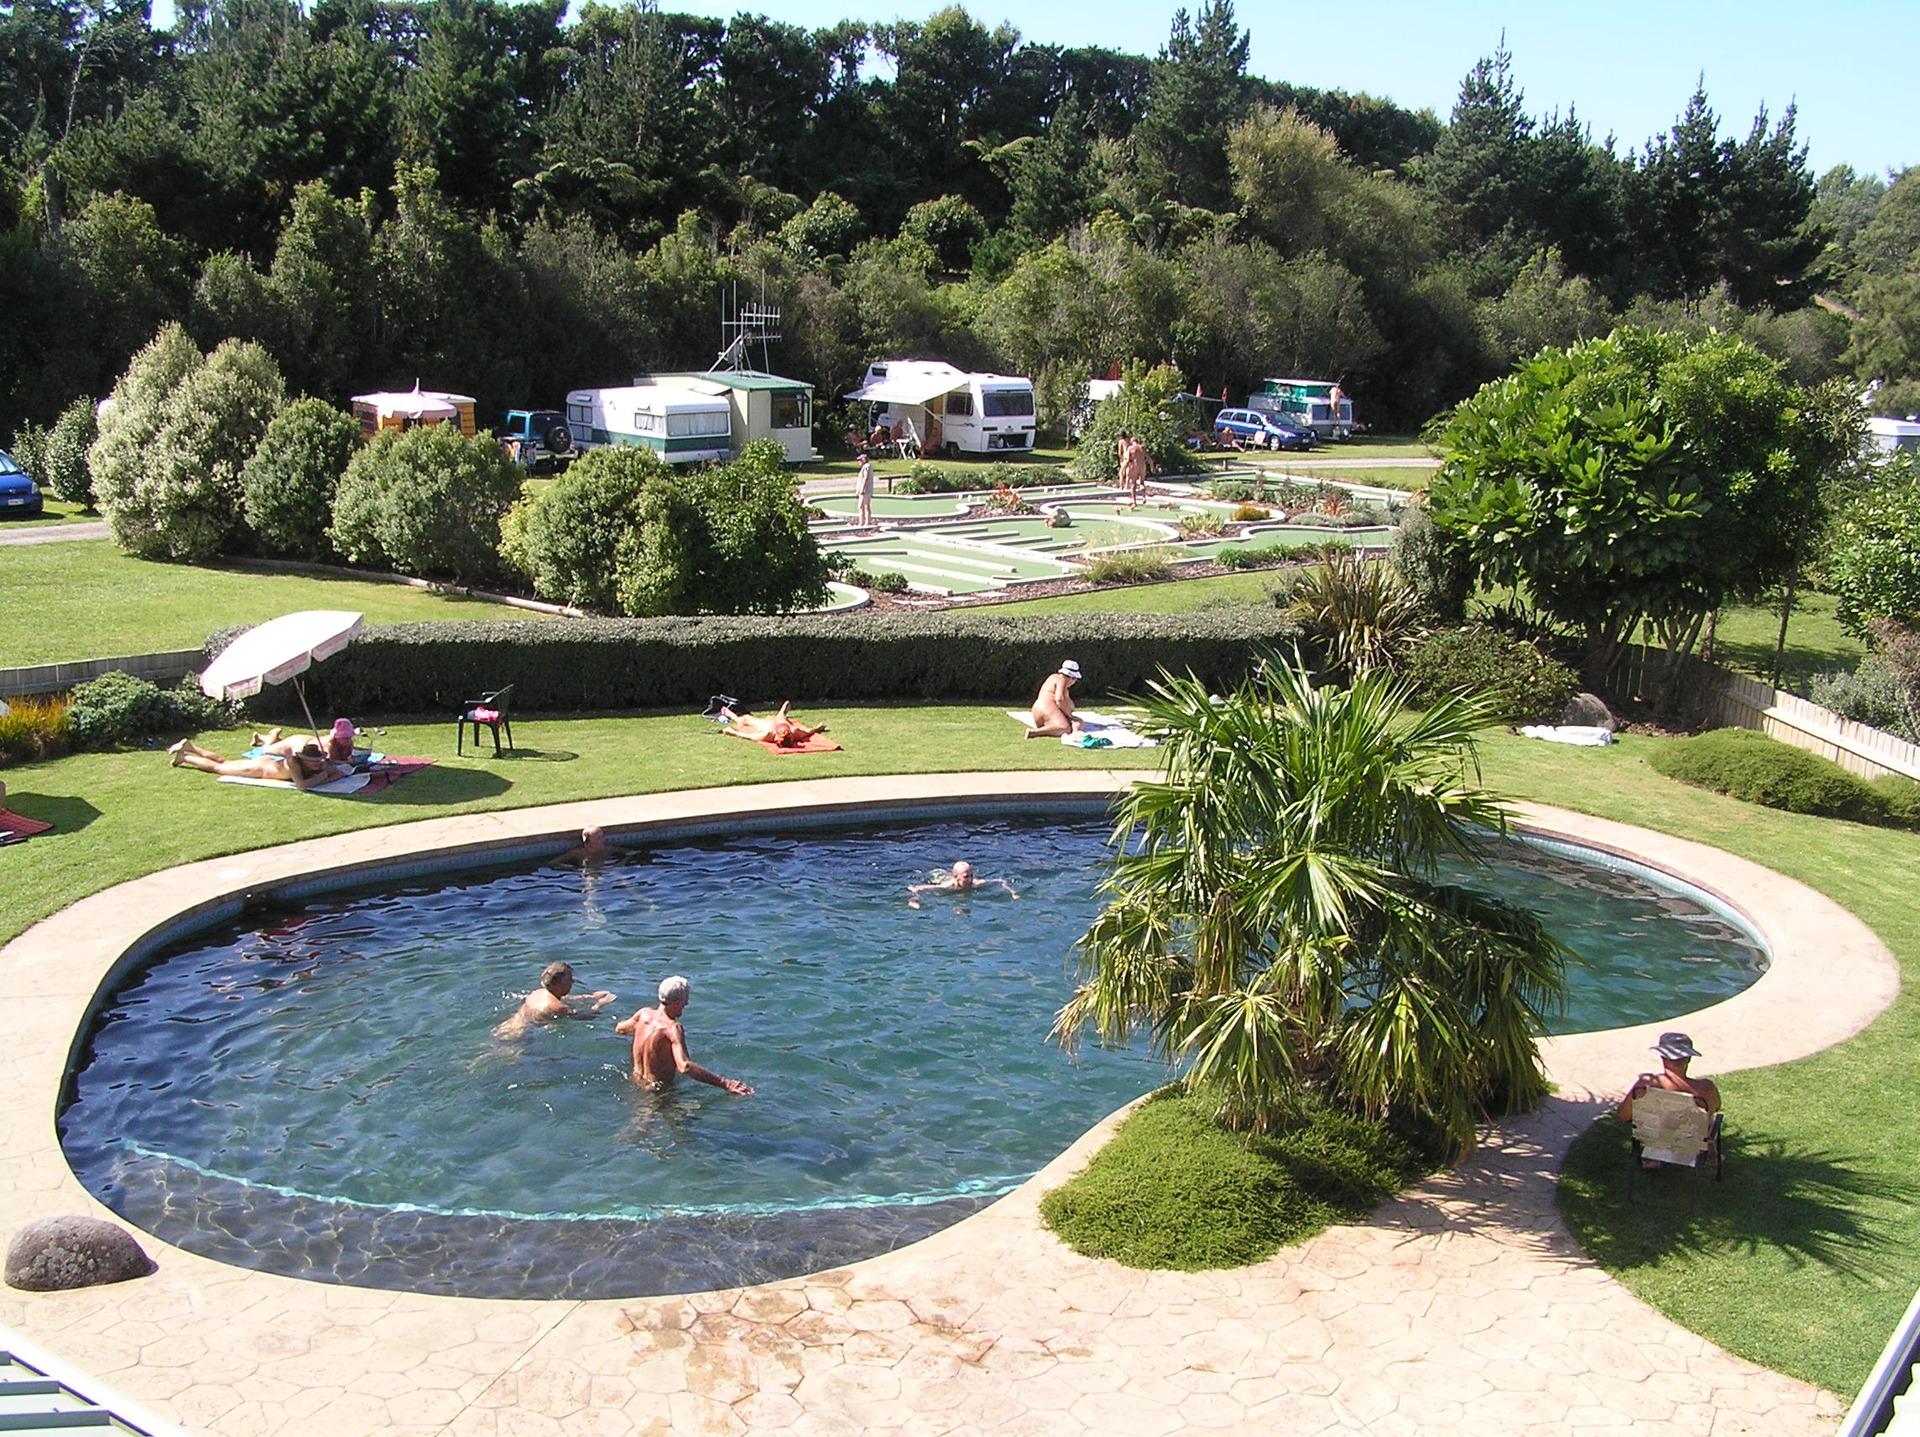 Nudist camp for sale: Katikati New Zealand naturist spot seeks new owner